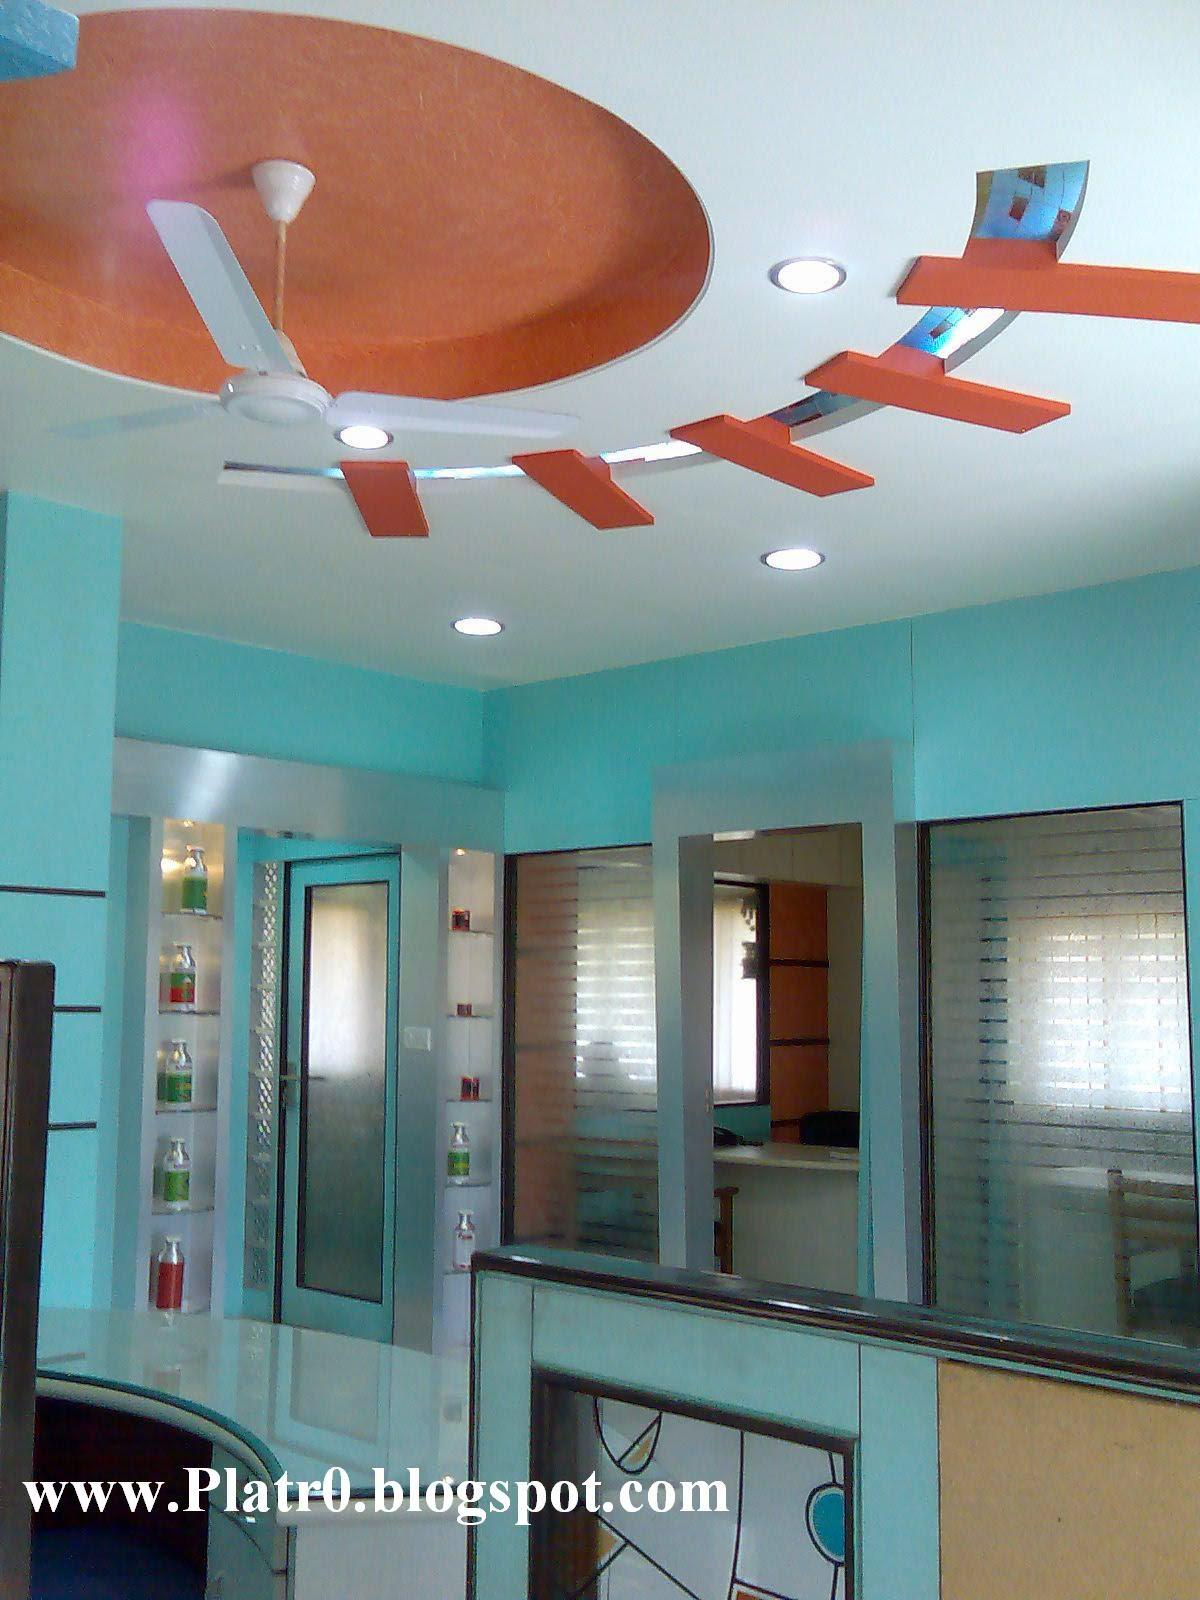 Plan de maison de luxe avec piscine for Platre dicor 2015